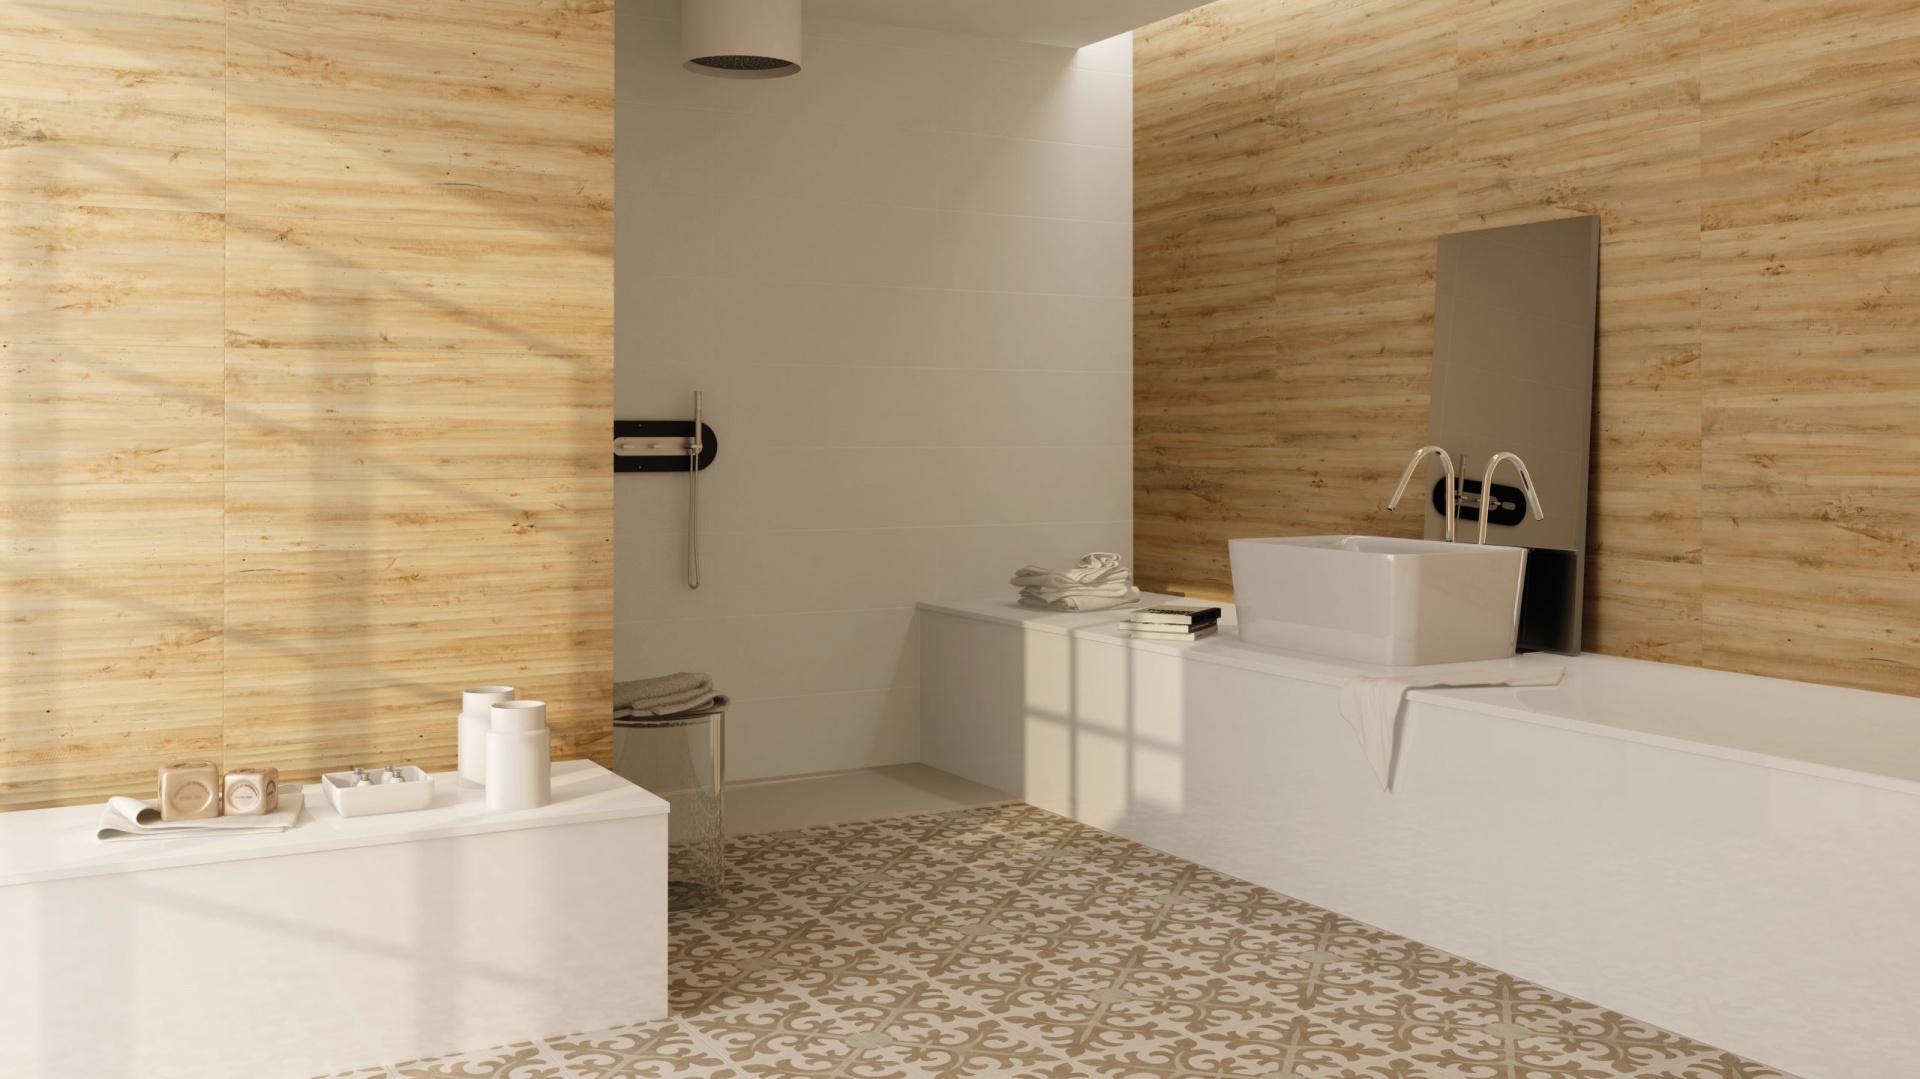 Płytki Jak Drewno 12 Pięknych Kolekcji Do łazienki